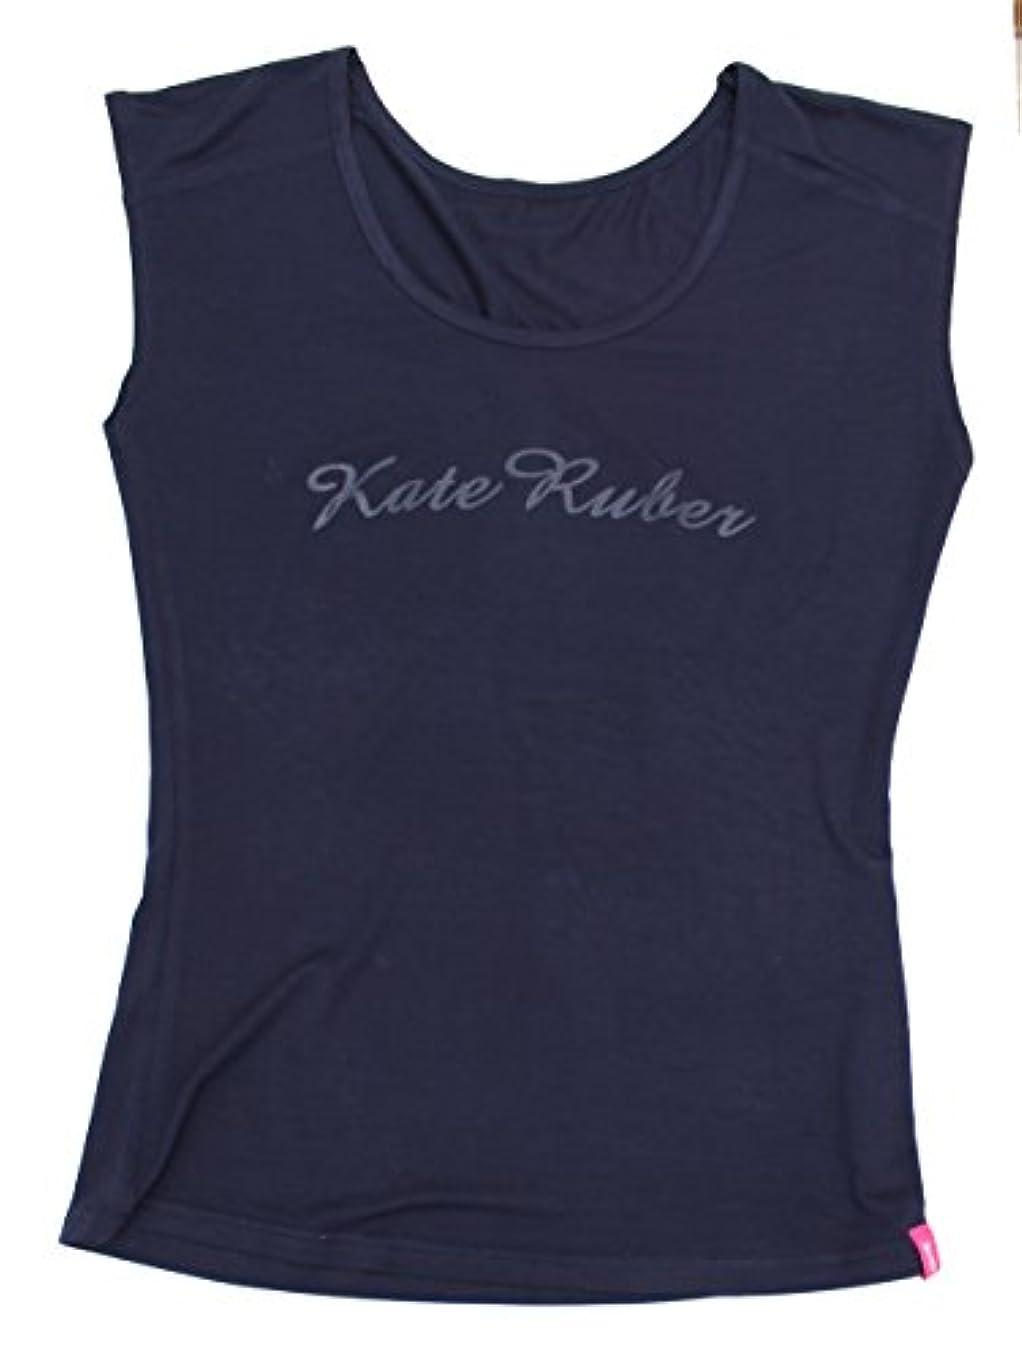 残るご飯高度なKate Ruber (ケイトルーバー) ヨガTシャツ ネイビーLL-3L